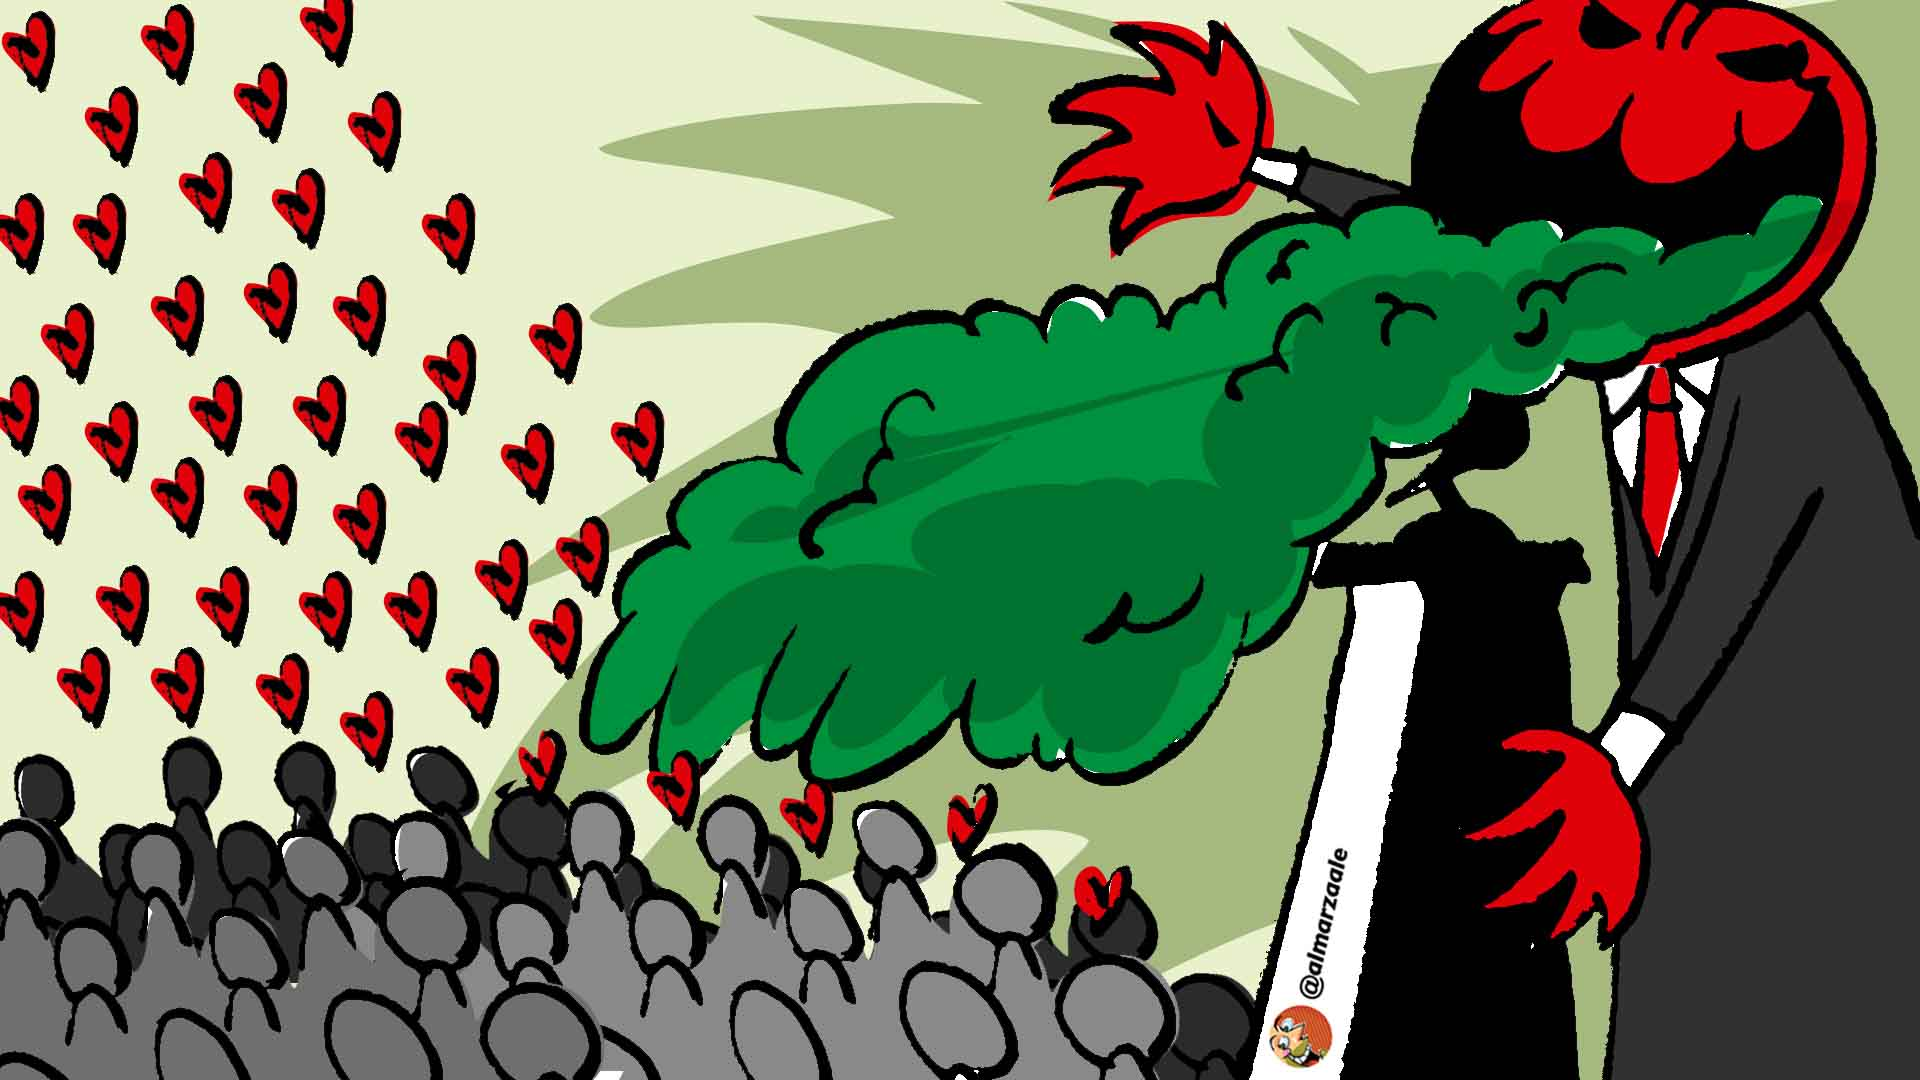 Tutorial para dar un discurso de izquierda, por Reuben Morales